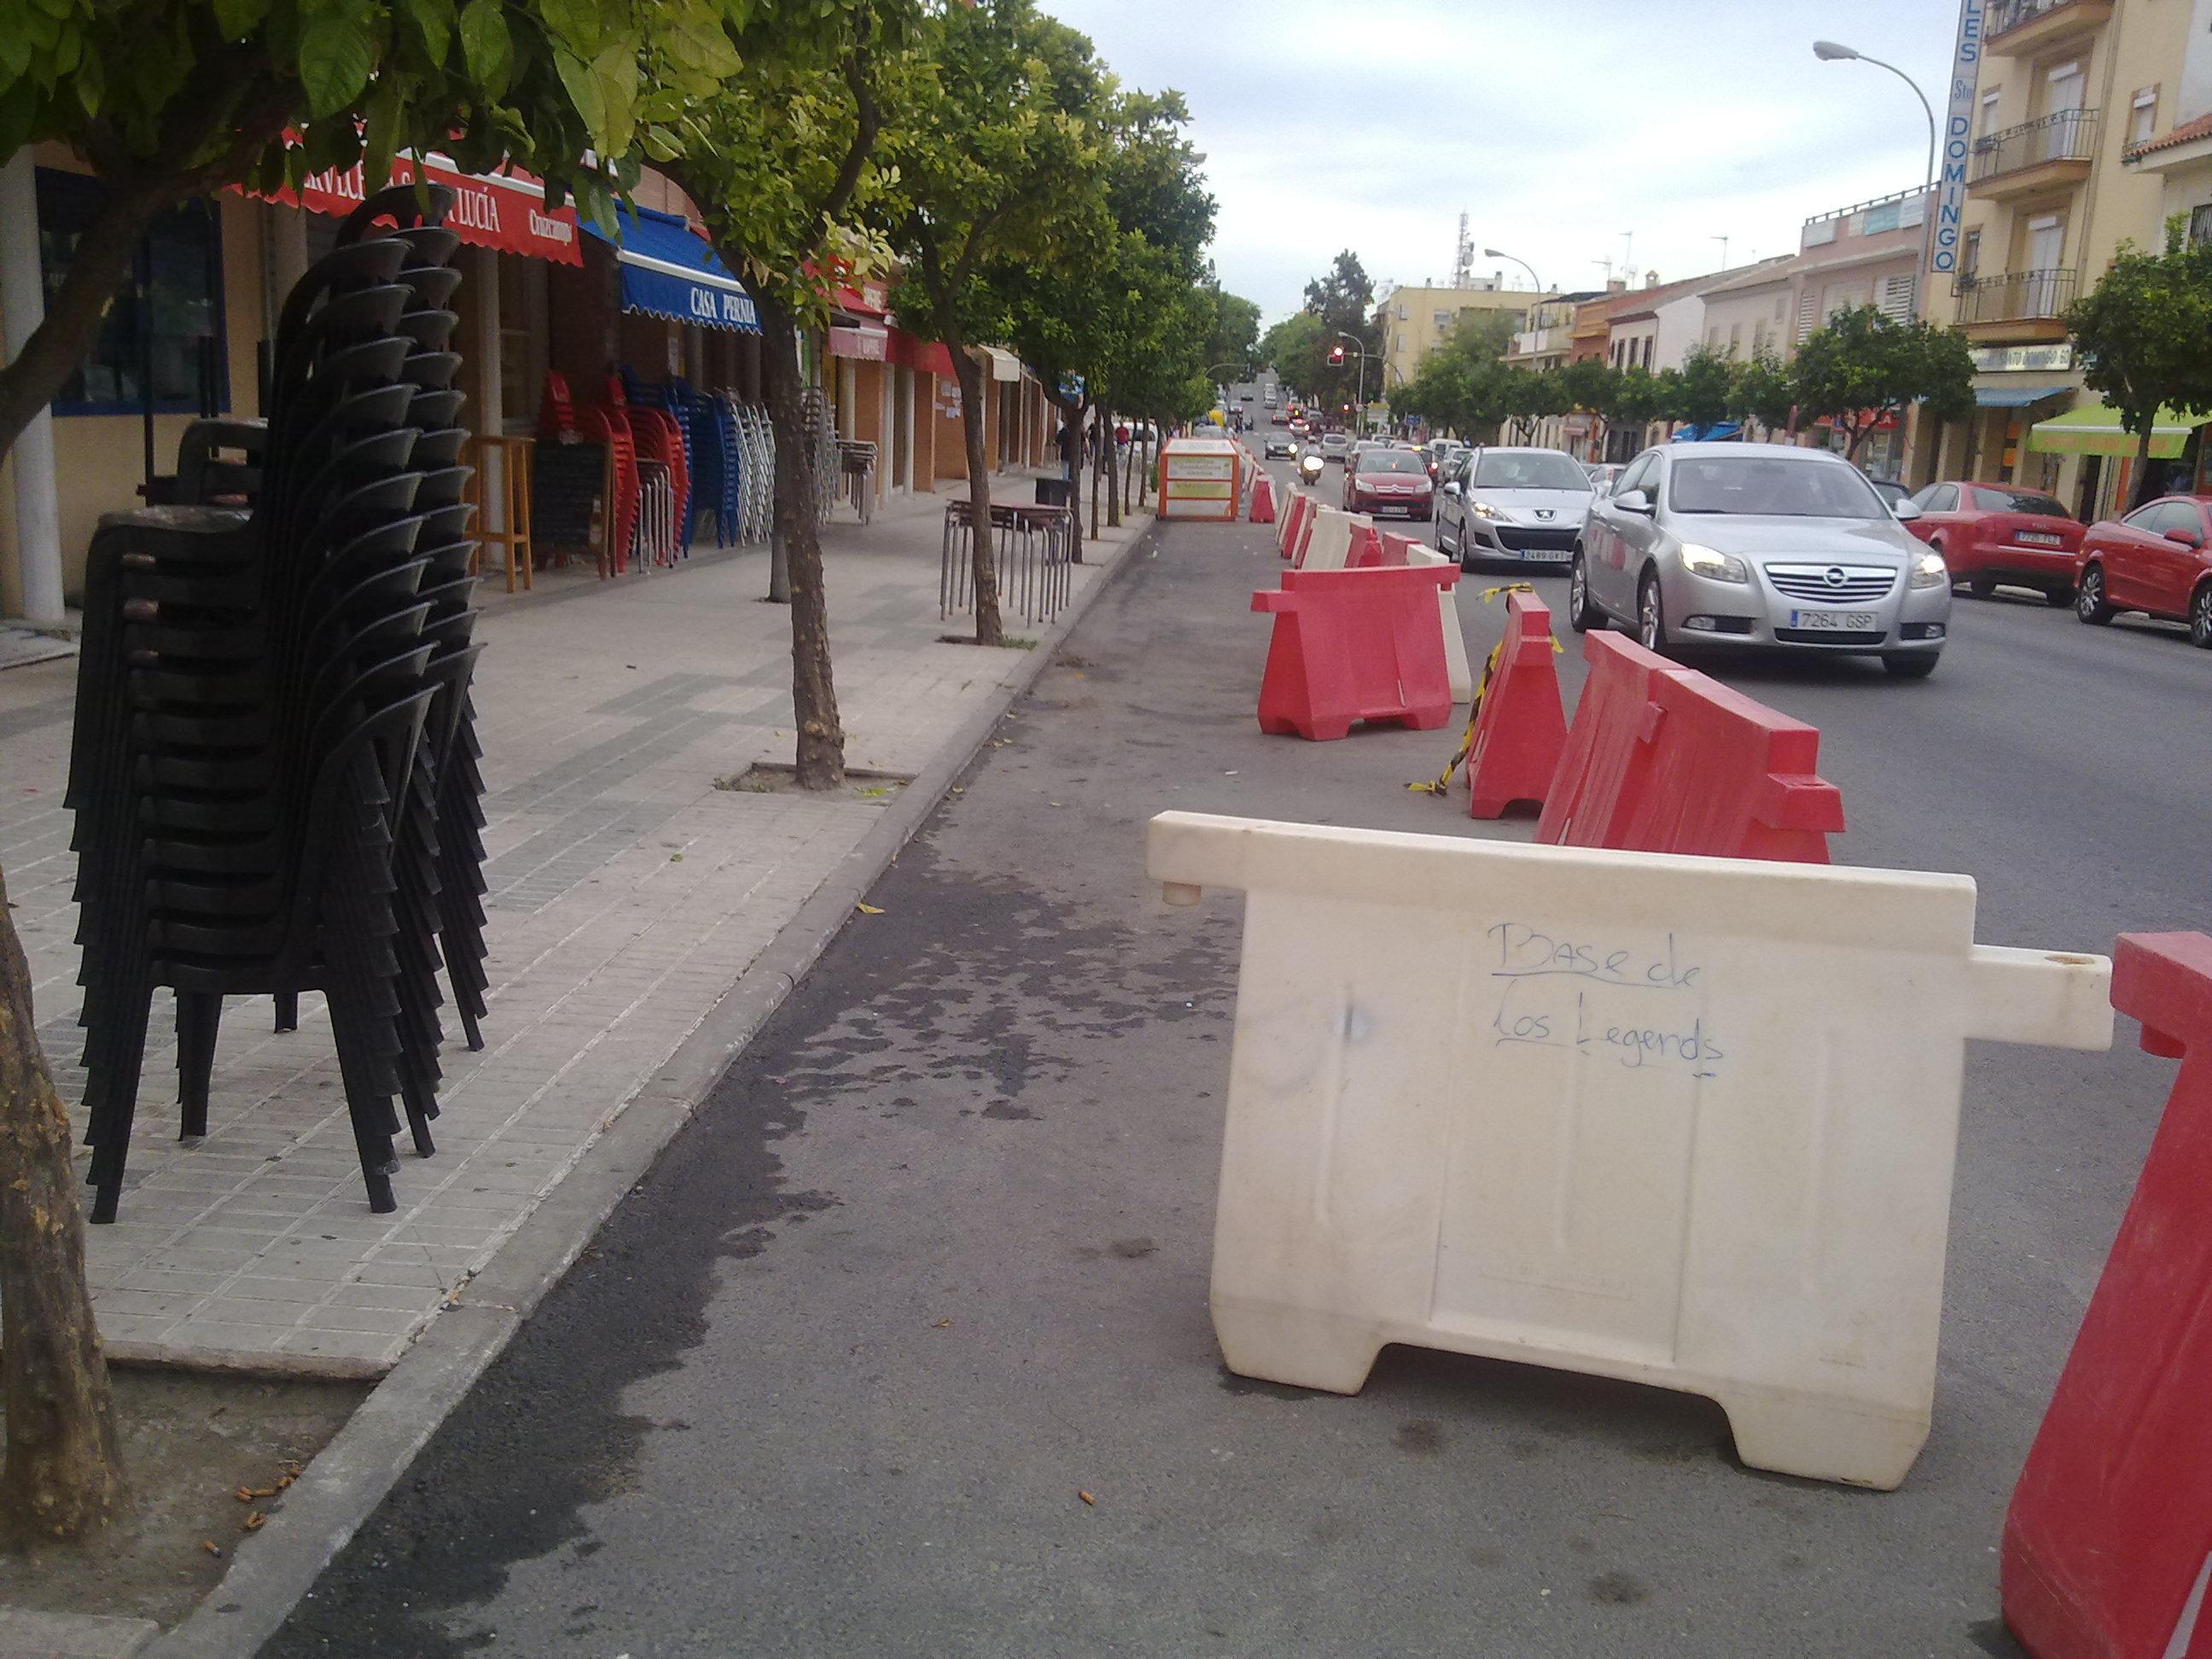 La alcaldesa inhabilita 35 aparcamientos